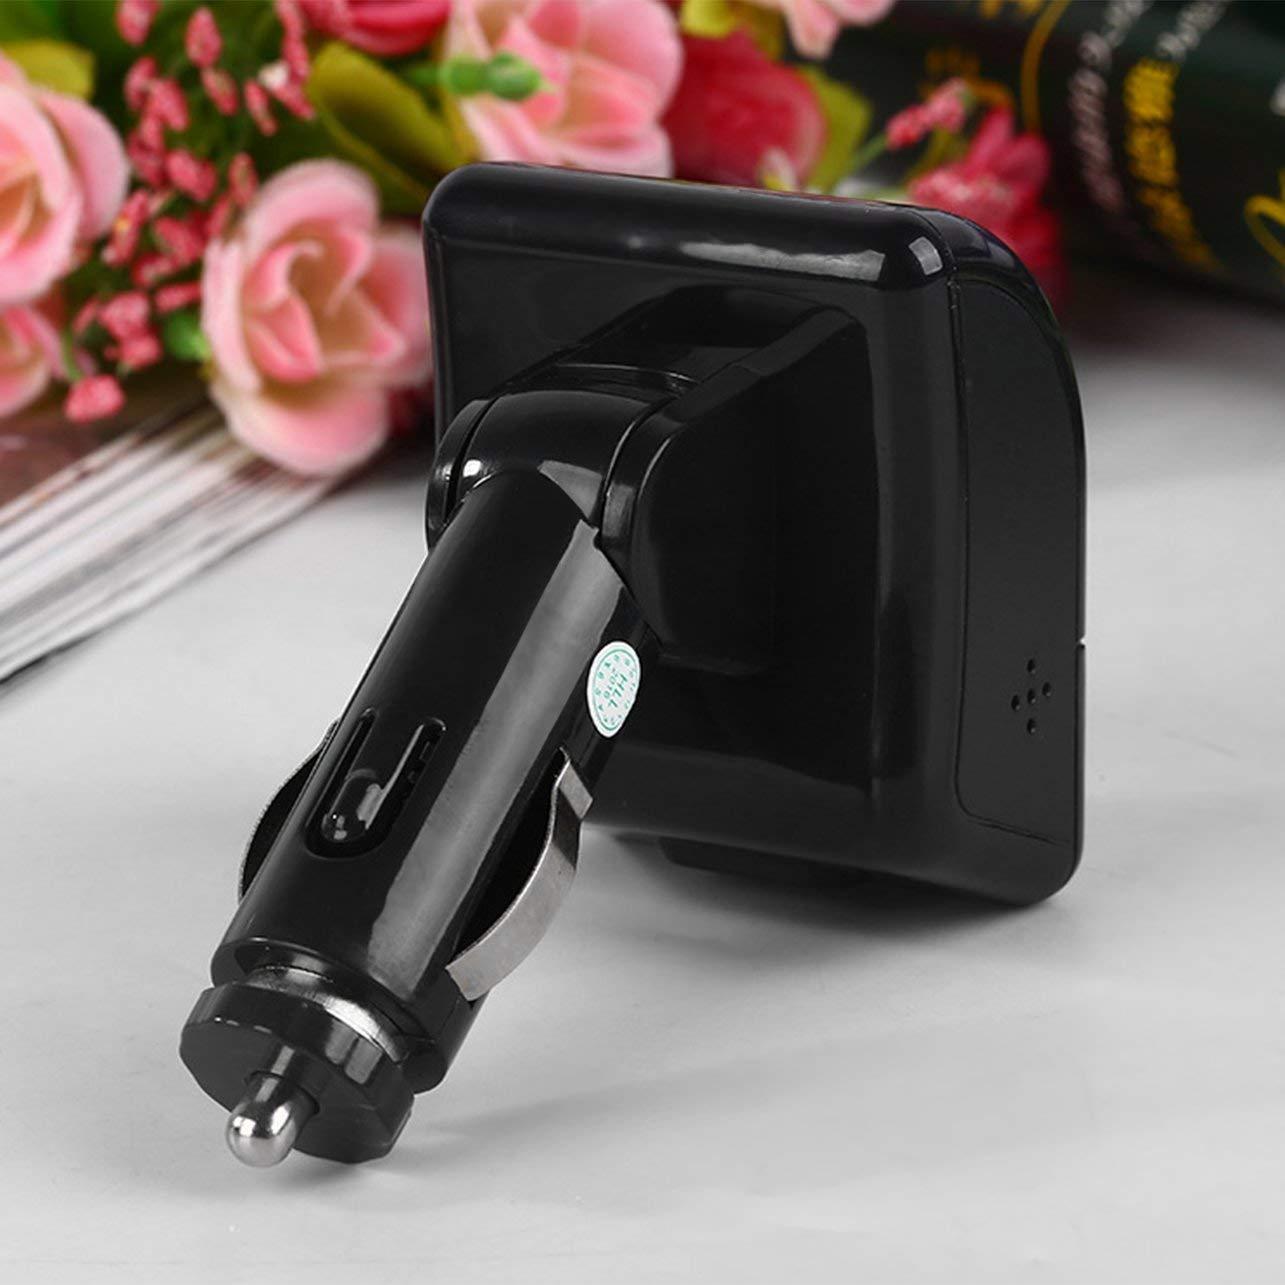 WOSOSYEYO QSS-50 Universel Bluetooth Mains Libres de Voiture sans Fil Lecteur MP3 Audio FM Modulator avec /écran LCD USB Chargeur pour t/él/éphones